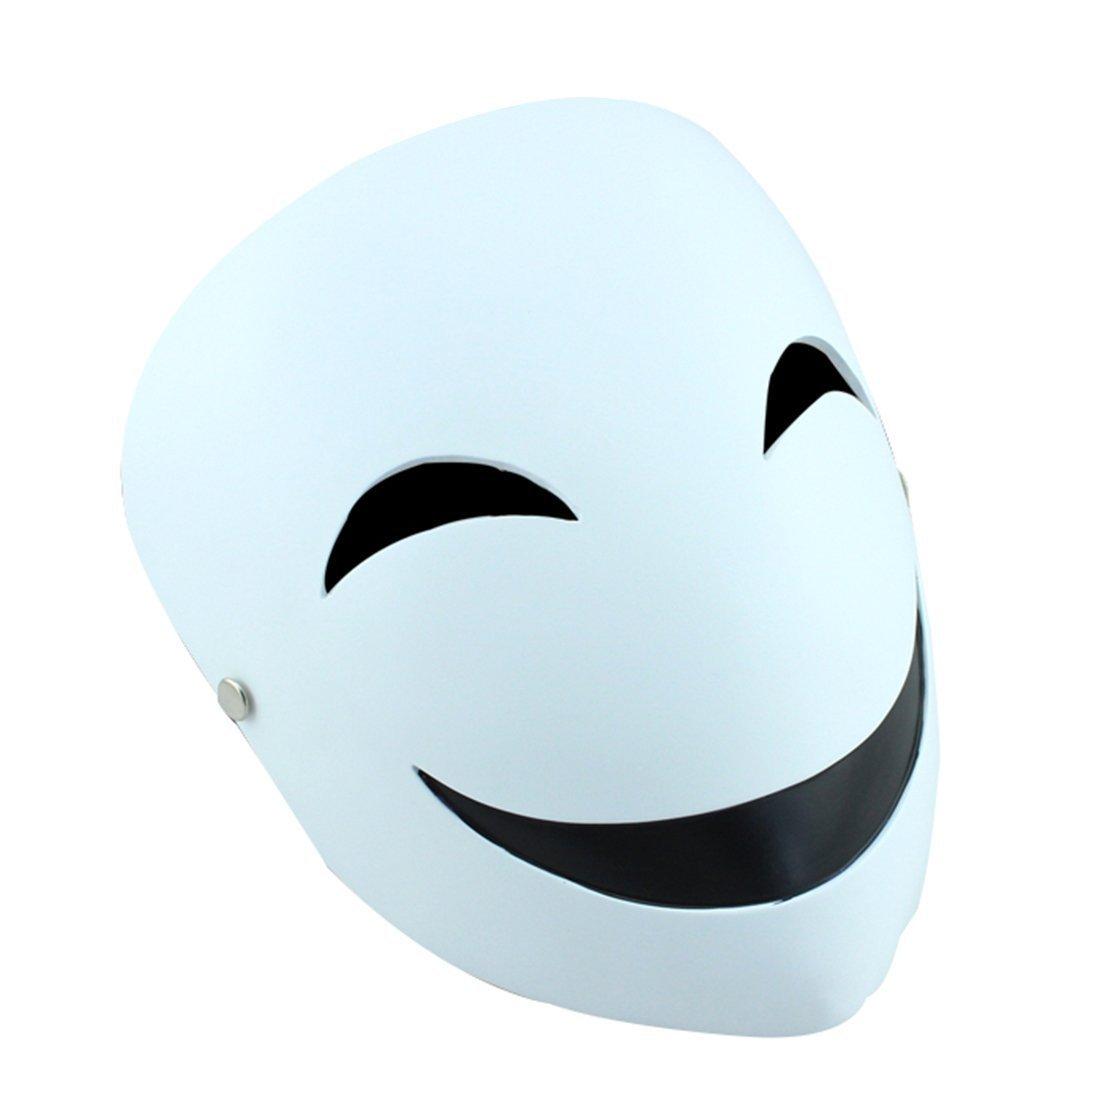 【新入荷】かぶりもの 笑顔仮面 ホラーマスク ハロウィン仮面 コスプレマスク 映画マスク仮装 変装グッズ